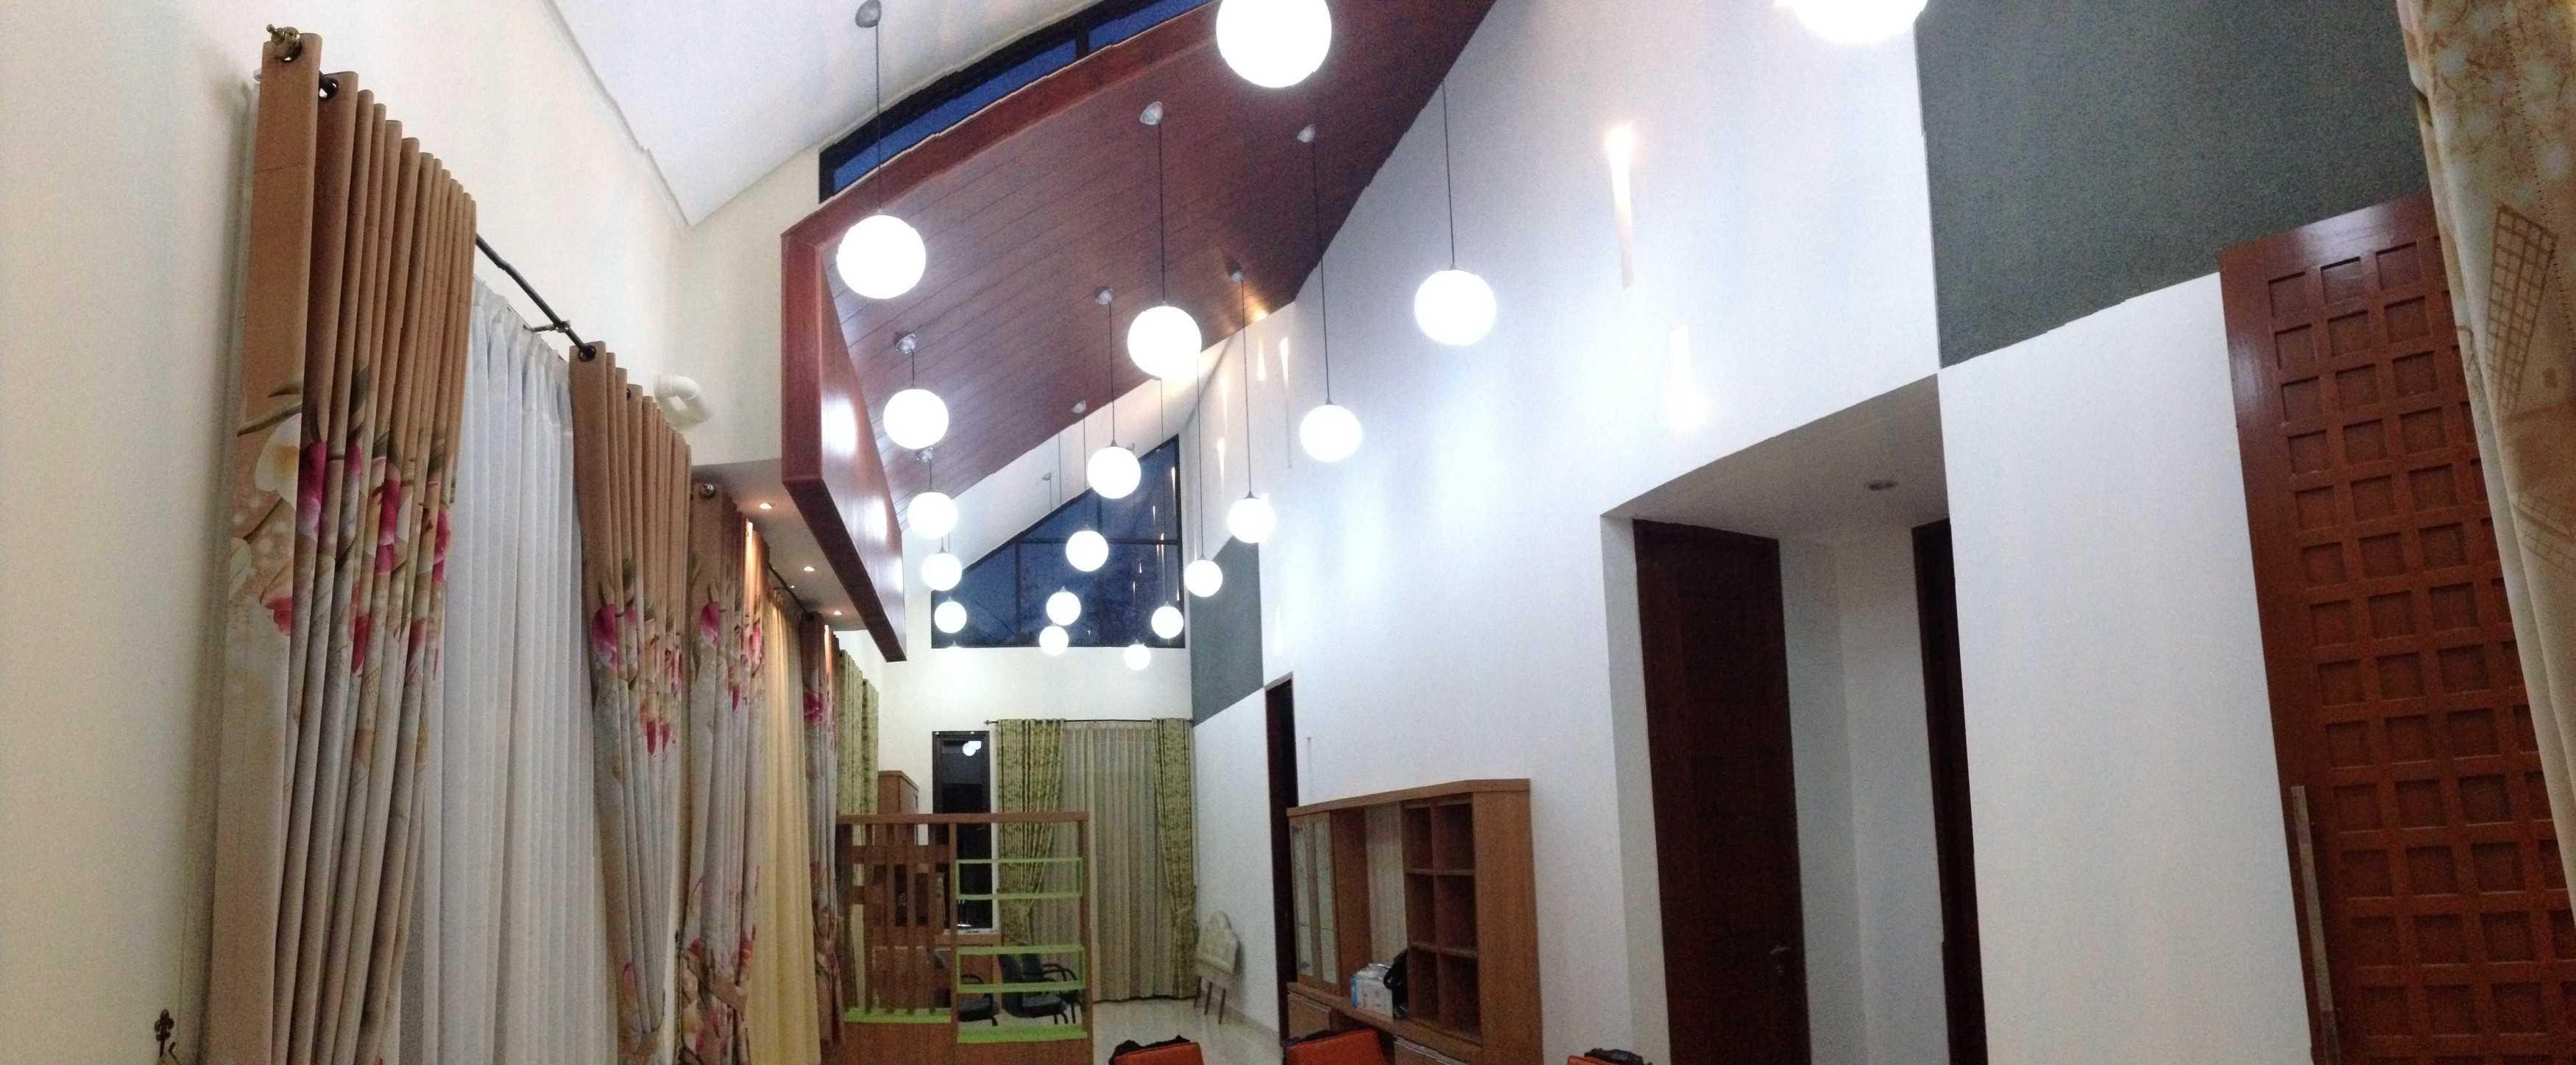 Pda Arsitek Rumah Kamboja Depok, Kota Depok, Jawa Barat, Indonesia Depok, Kota Depok, Jawa Barat, Indonesia Living Room Modern  39629